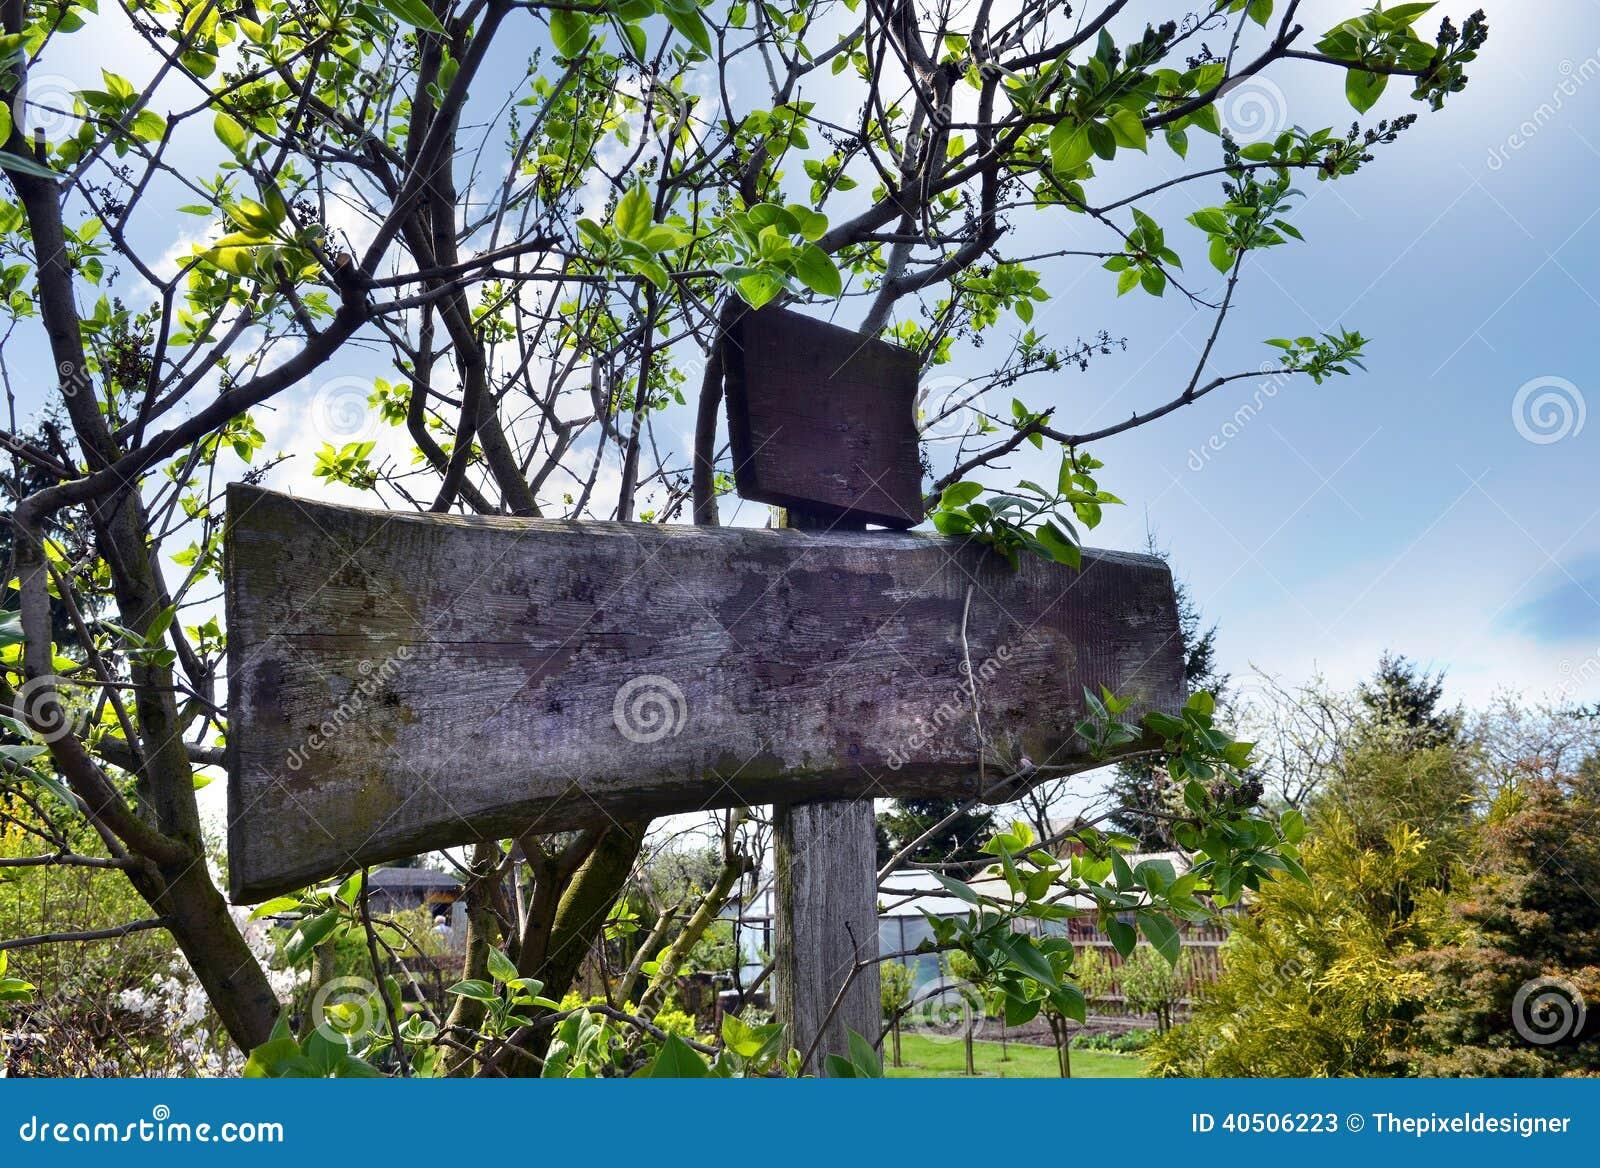 Holzerner Wegweiser Im Garten Fugen Hinzu Stockbild Bild Von